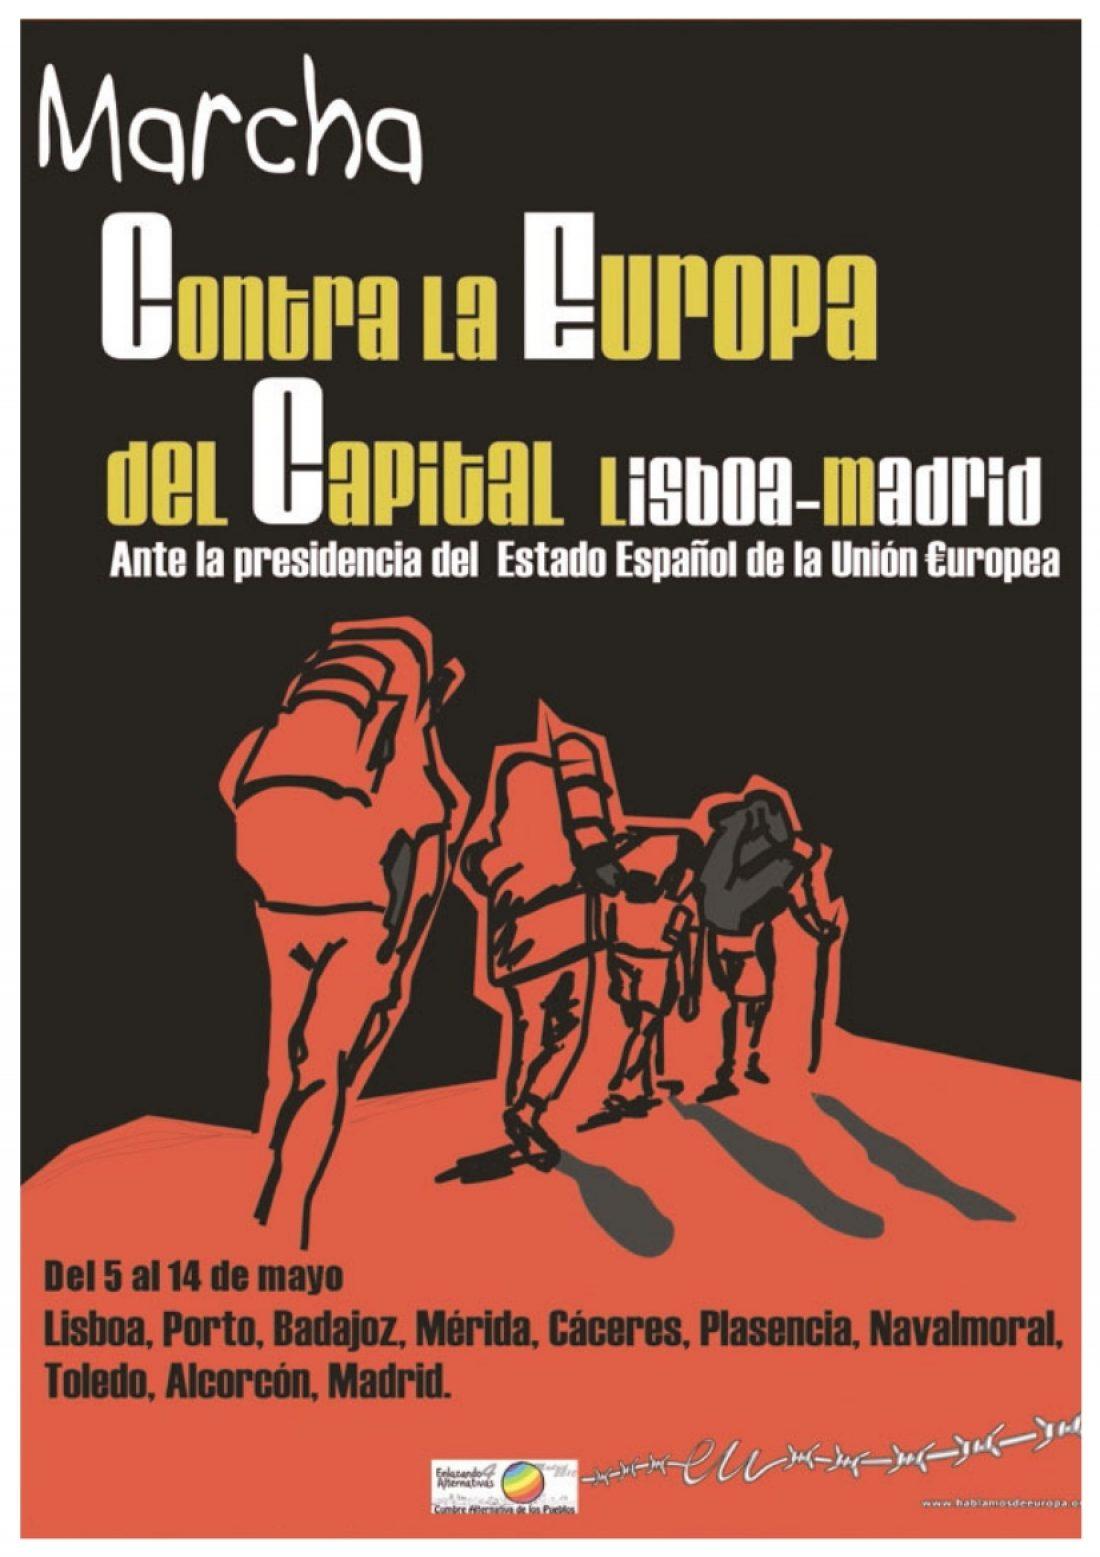 La Marcha Lisboa-Madrid contra la €uropa del capital llega a Extremadura